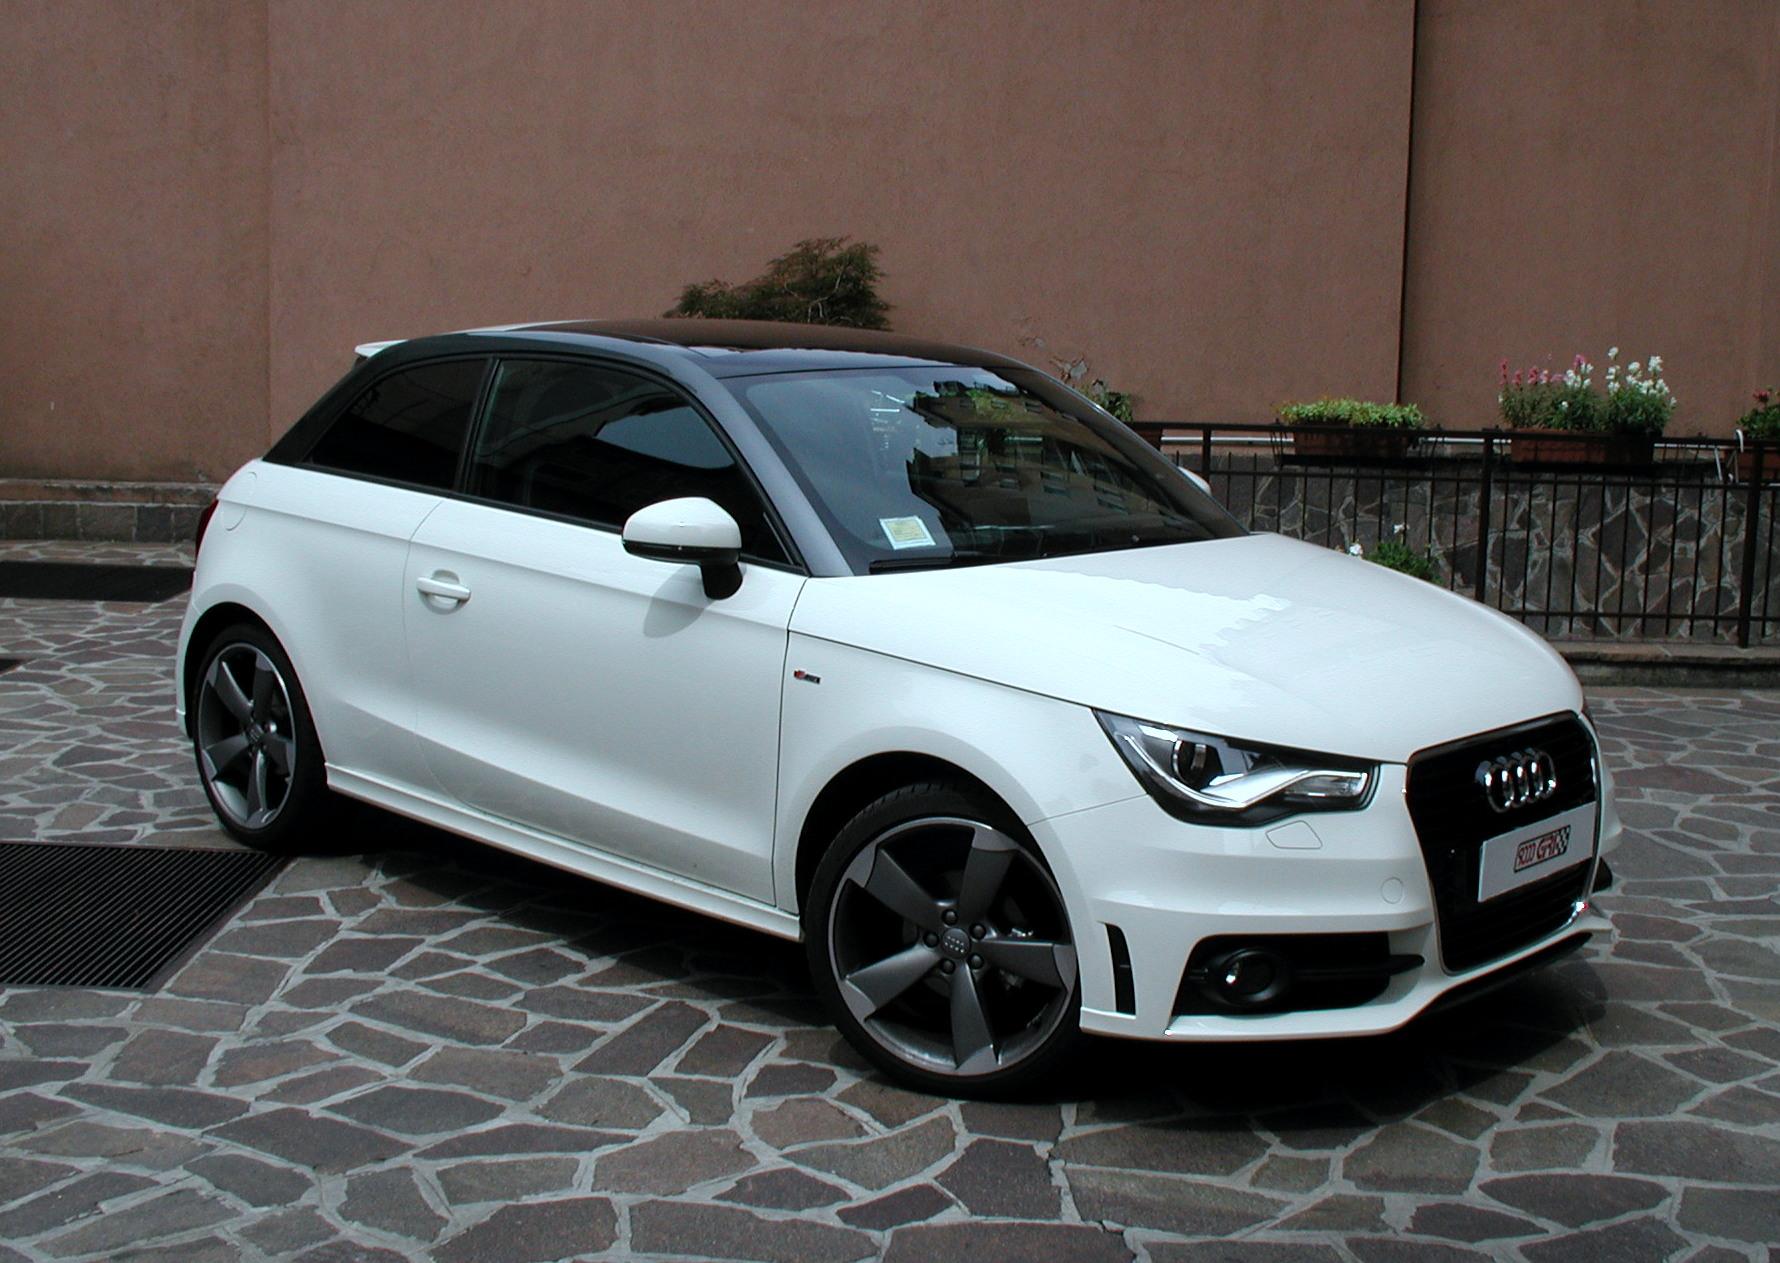 Archivio Elaborazioni 187 Audi A1 Black Amp White 9000 Giri